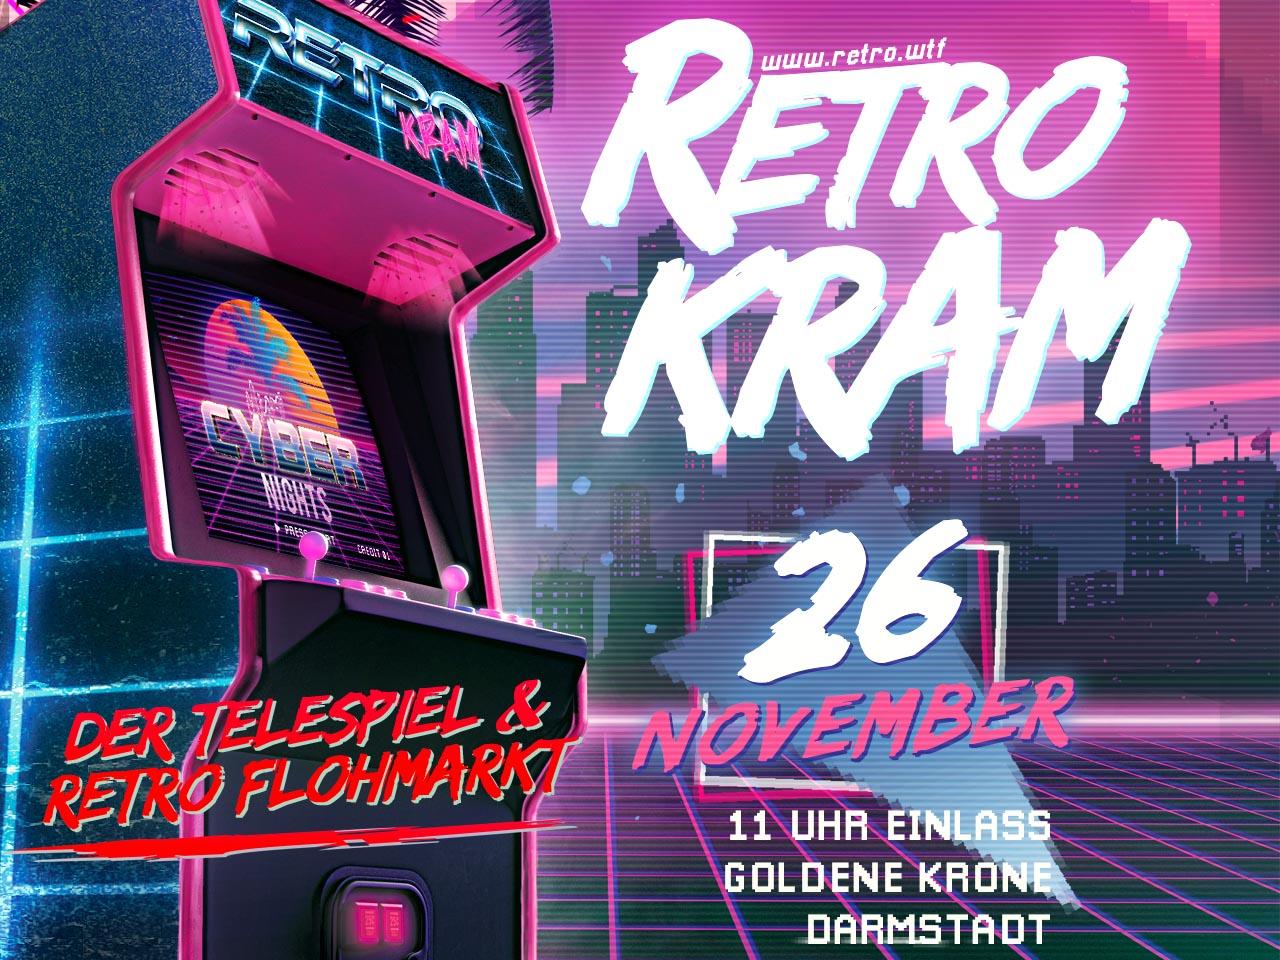 Retrokram - Der Telespiel und Retro Flohmarkt